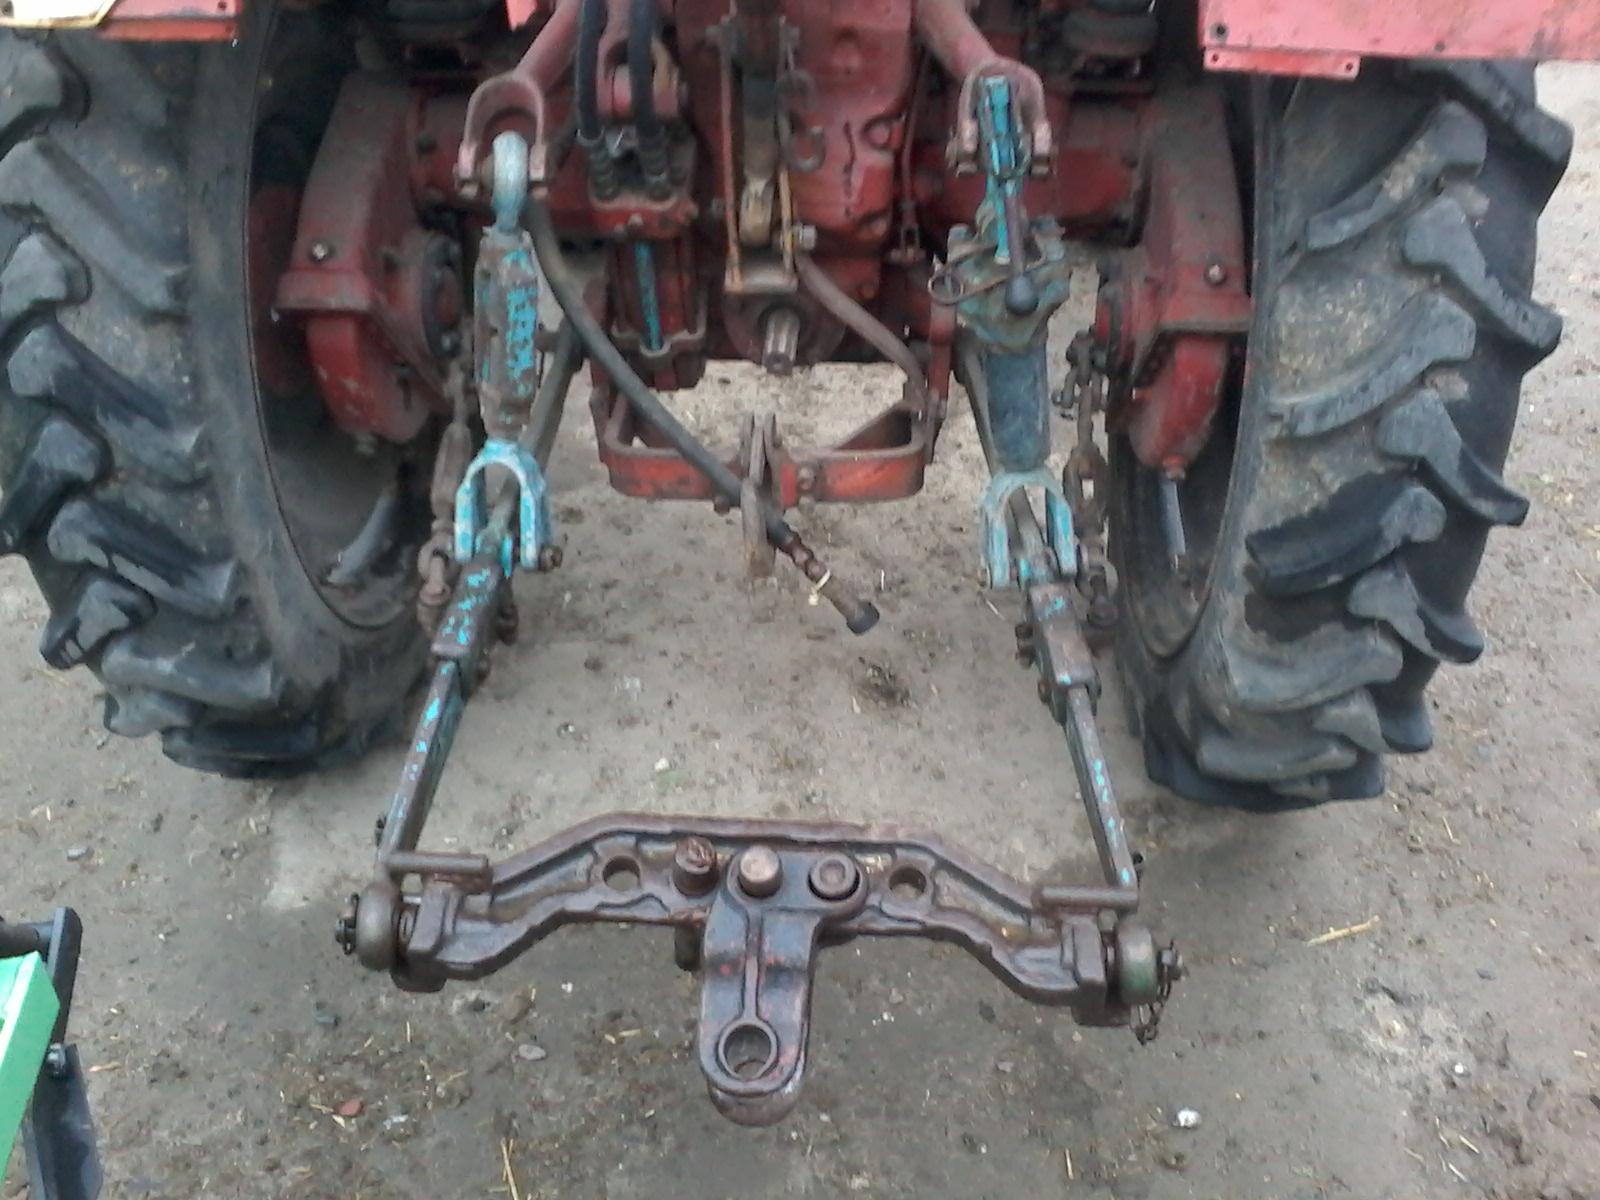 Задняя навесная серьга на трактора просмотр фото